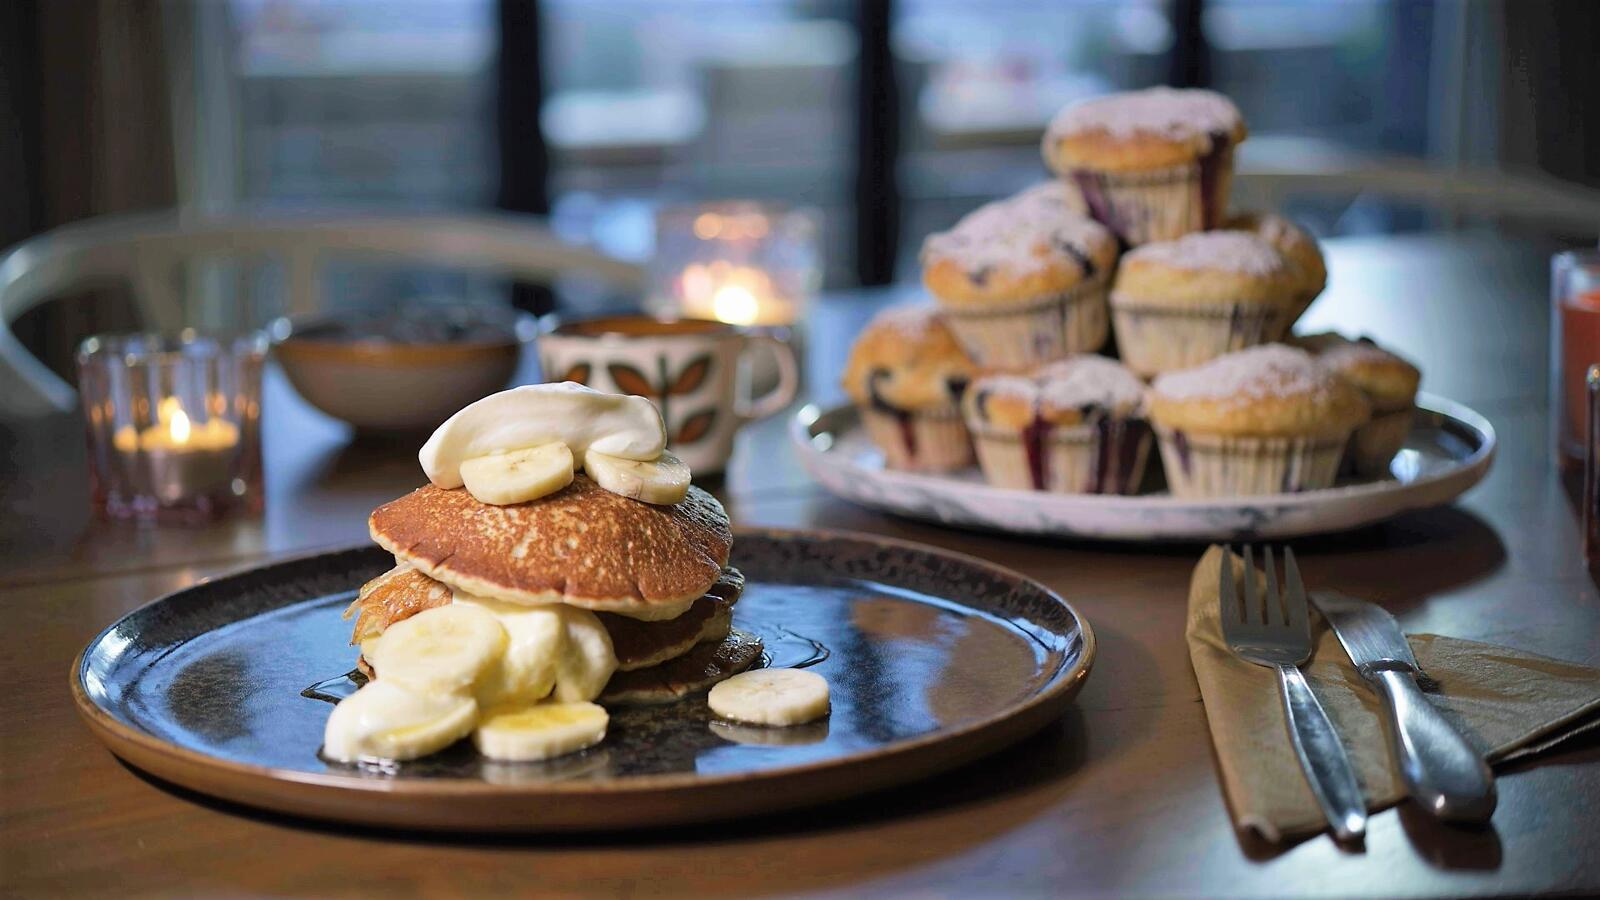 American pancakes met banaan, muffins met blauwe bessen en platte kaas